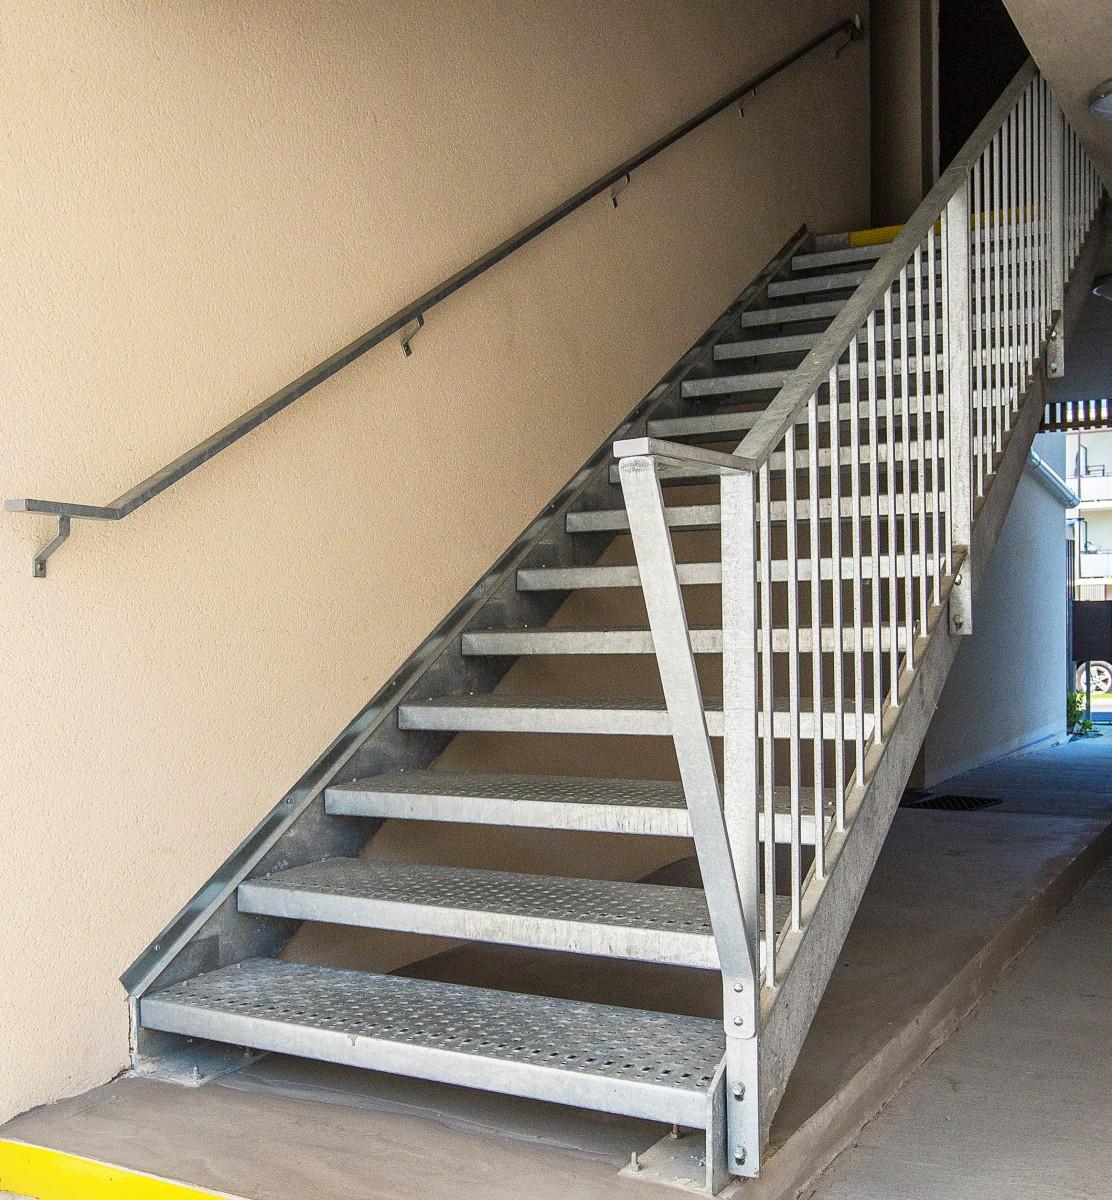 Escaliers ext rieurs - Escalier metallique exterieur industriel ...